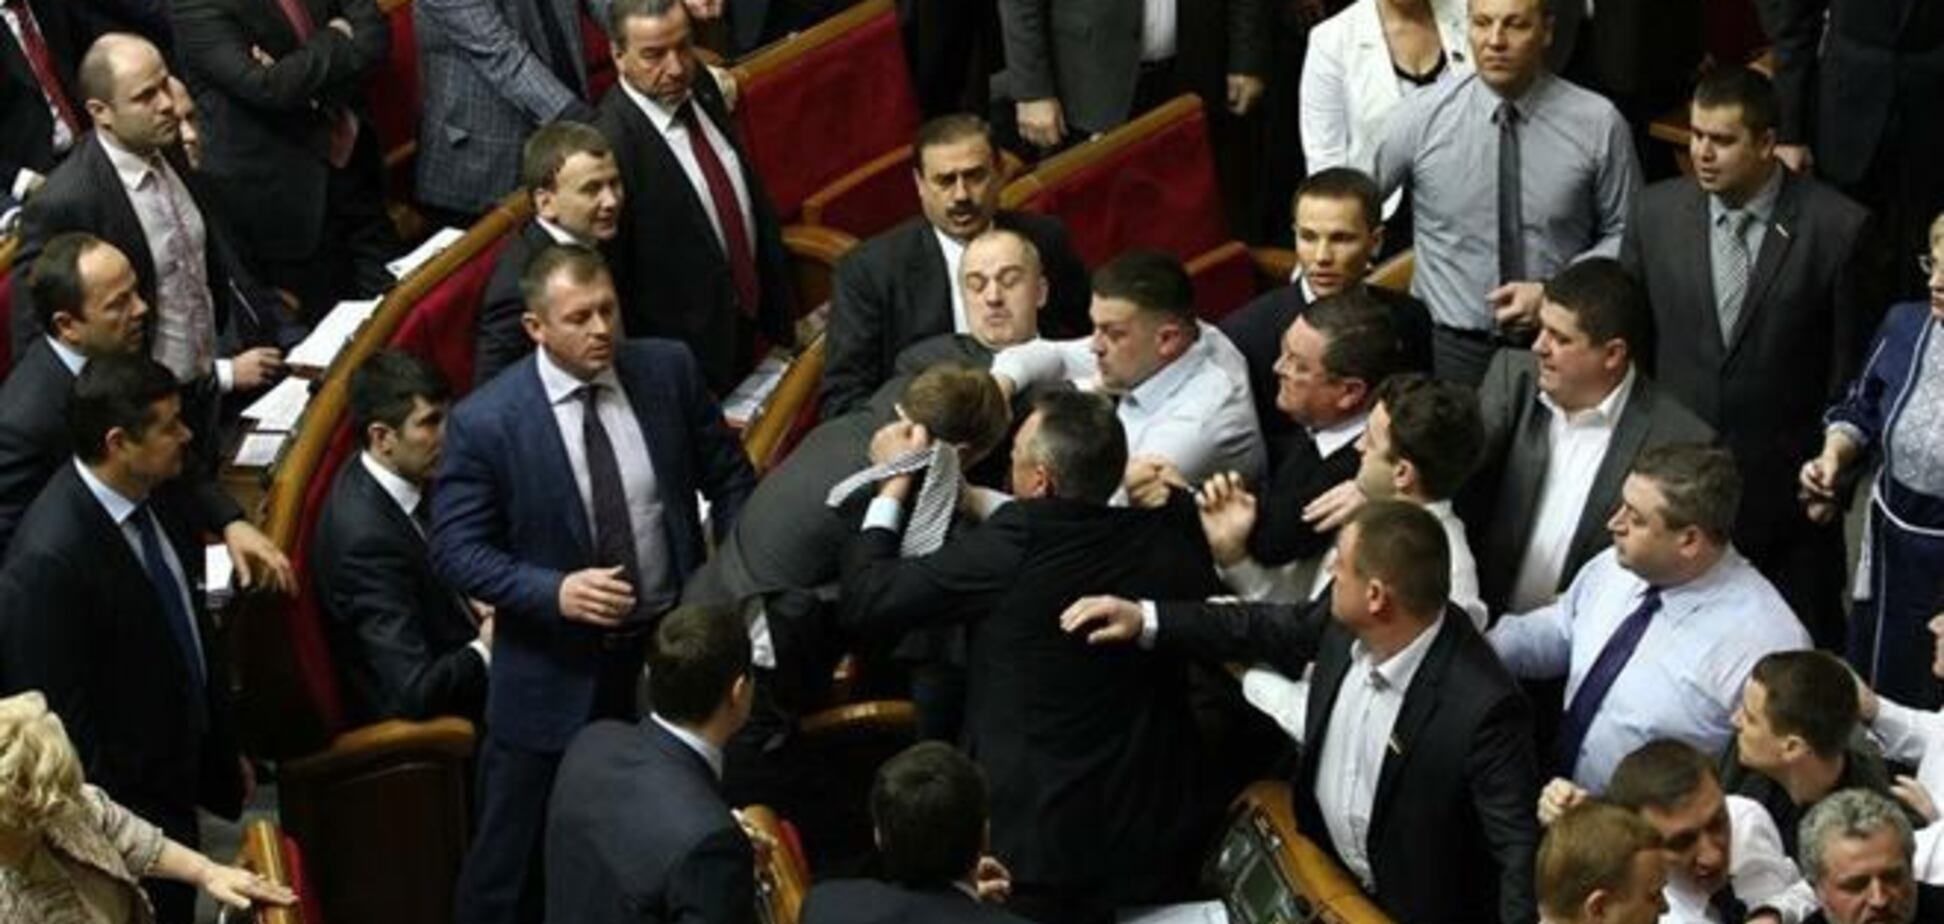 ТОП-7 позоров украинских политиков